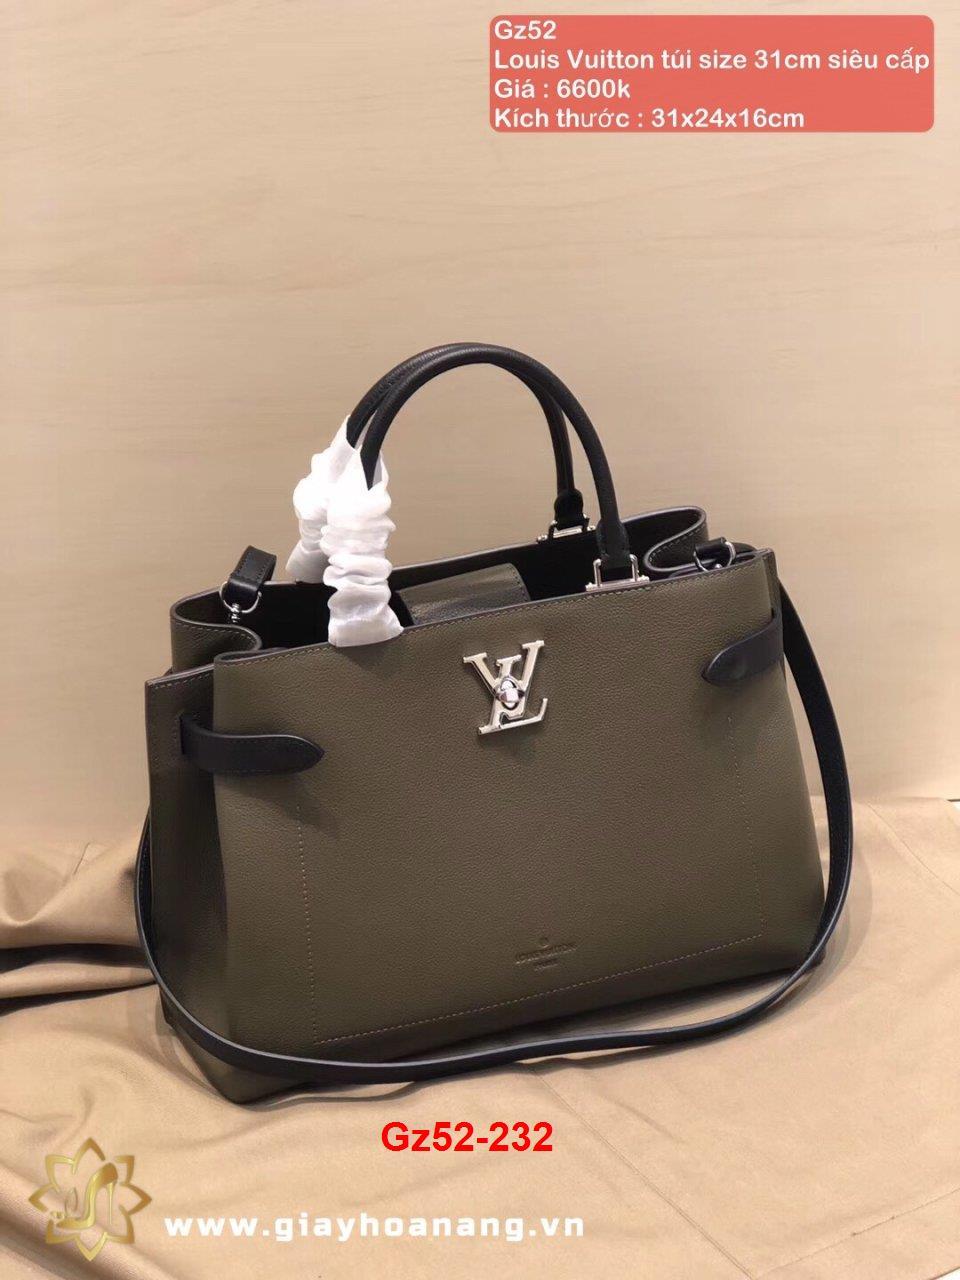 Gz52-232 Louis Vuitton túi size 31cm siêu cấp